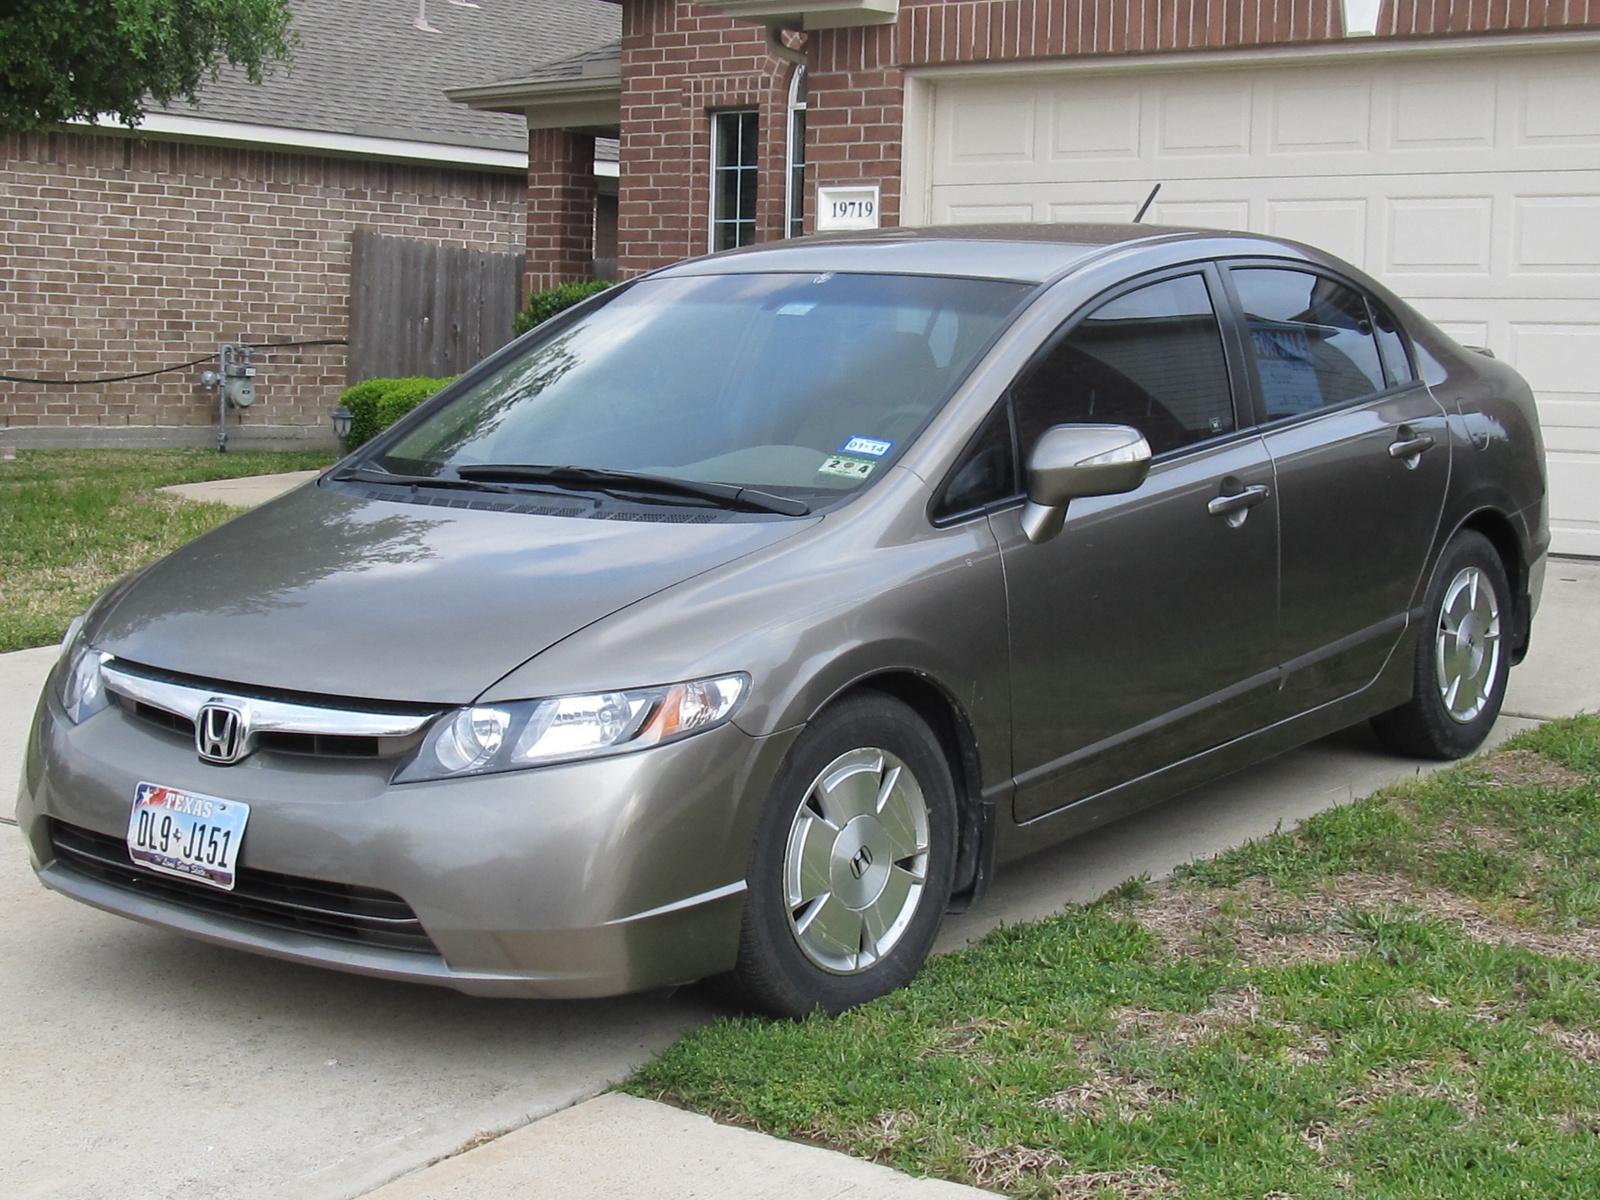 2008 Honda Civic - Pictures - CarGurus